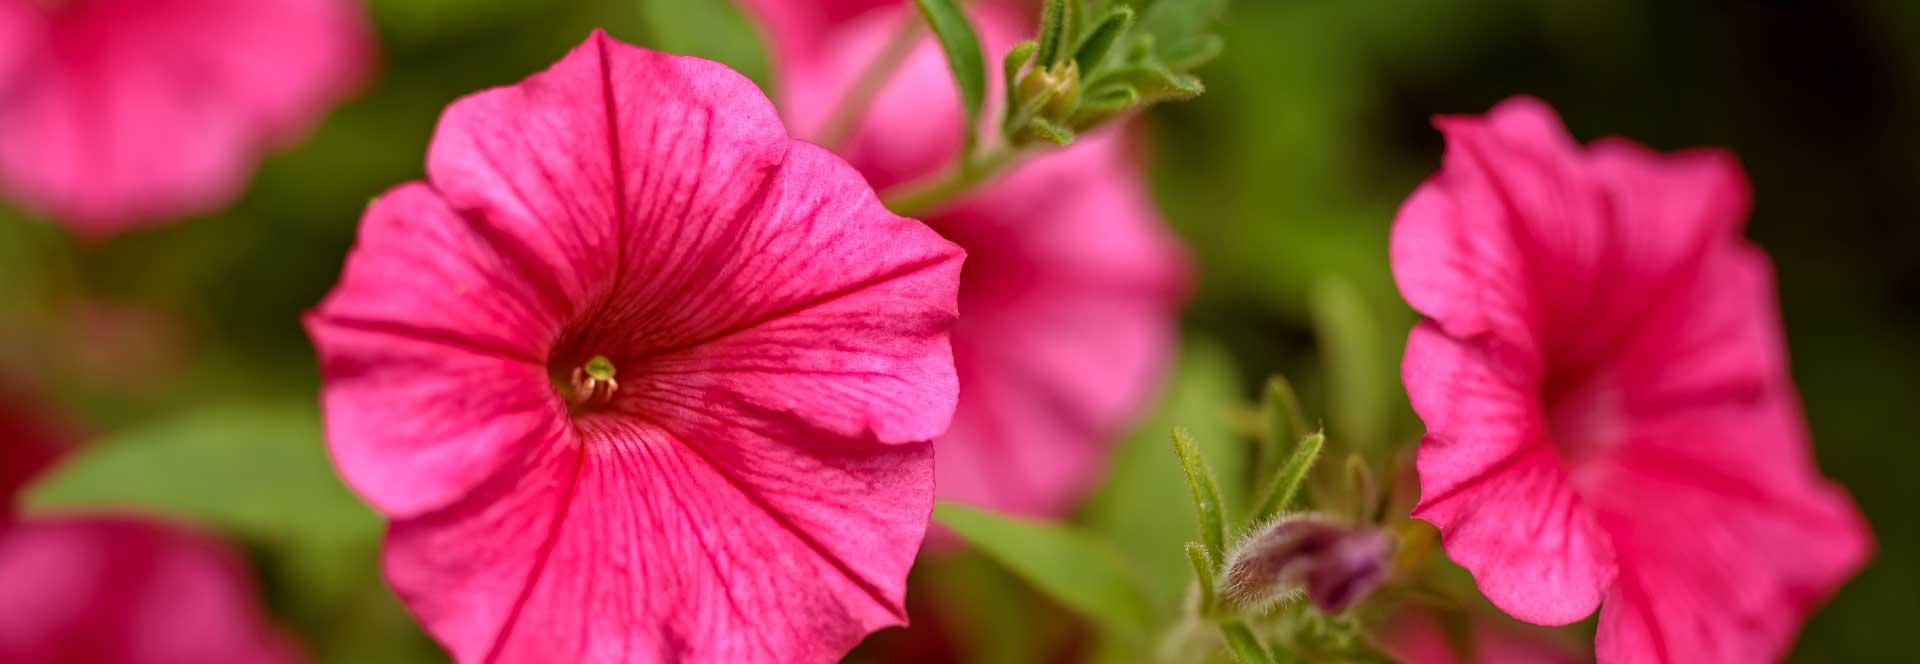 pink-flower-image-sandys-back-porch